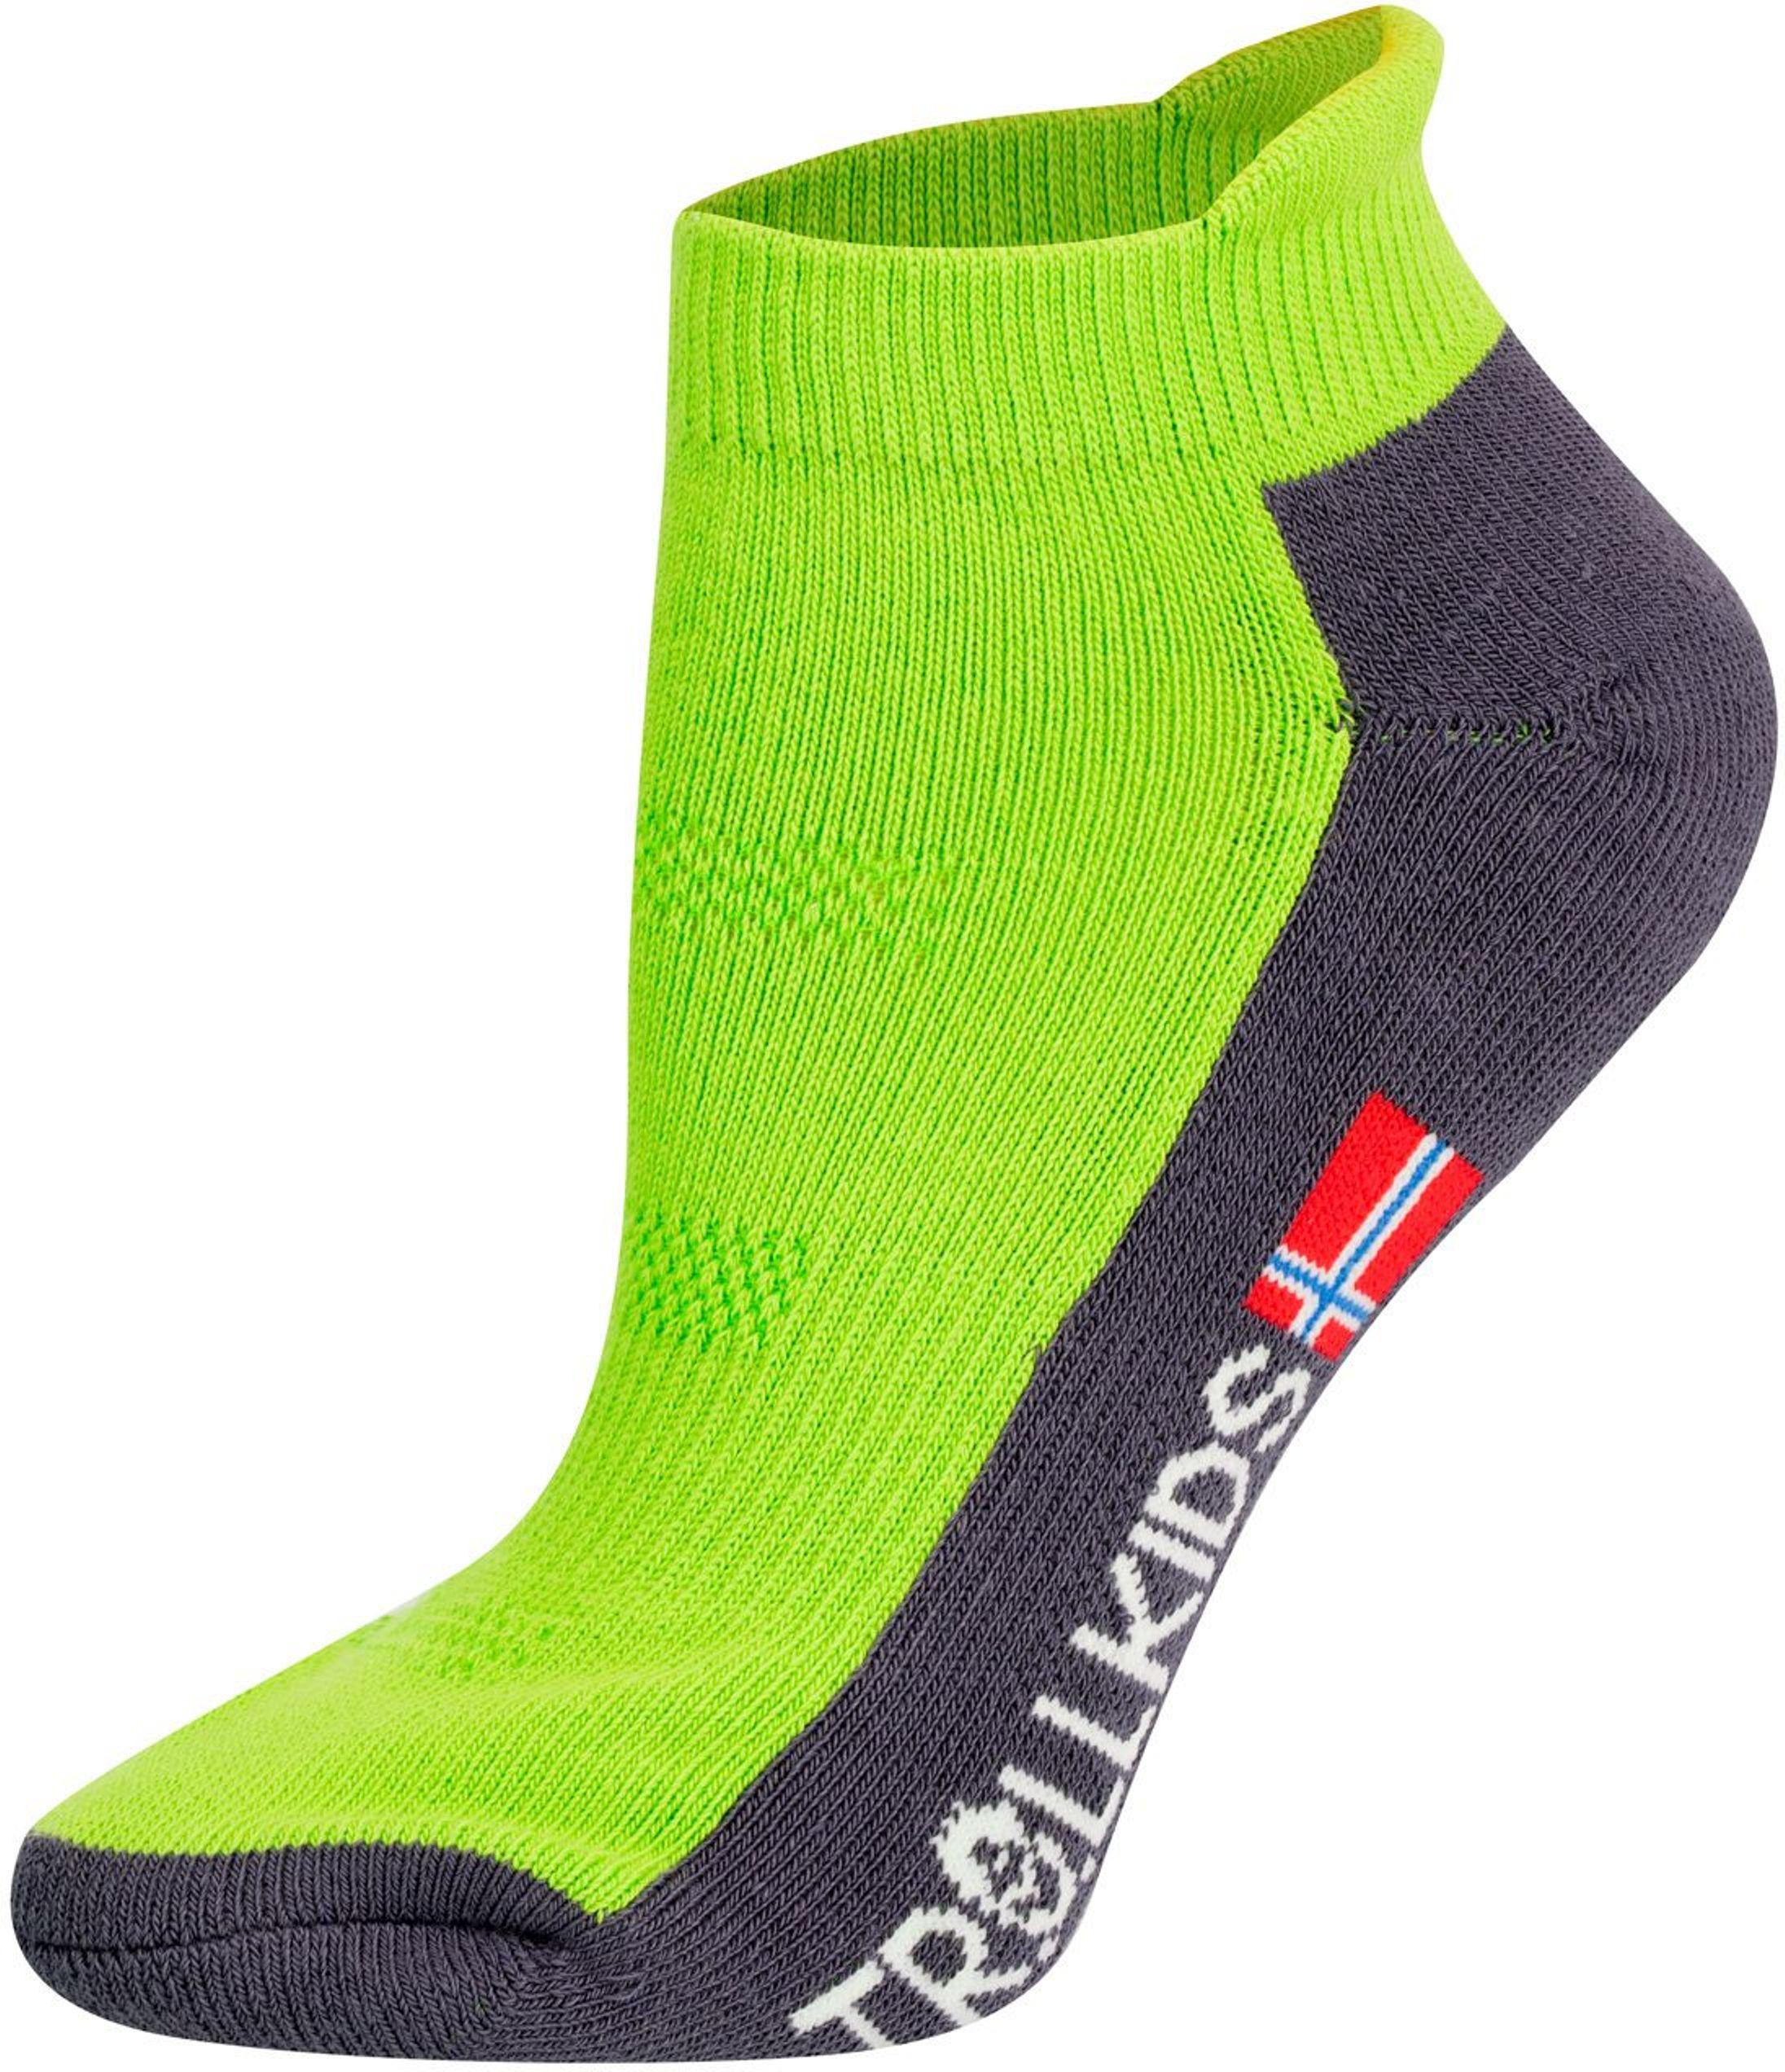 Trollkids Hiking Low Cut Socks II lime